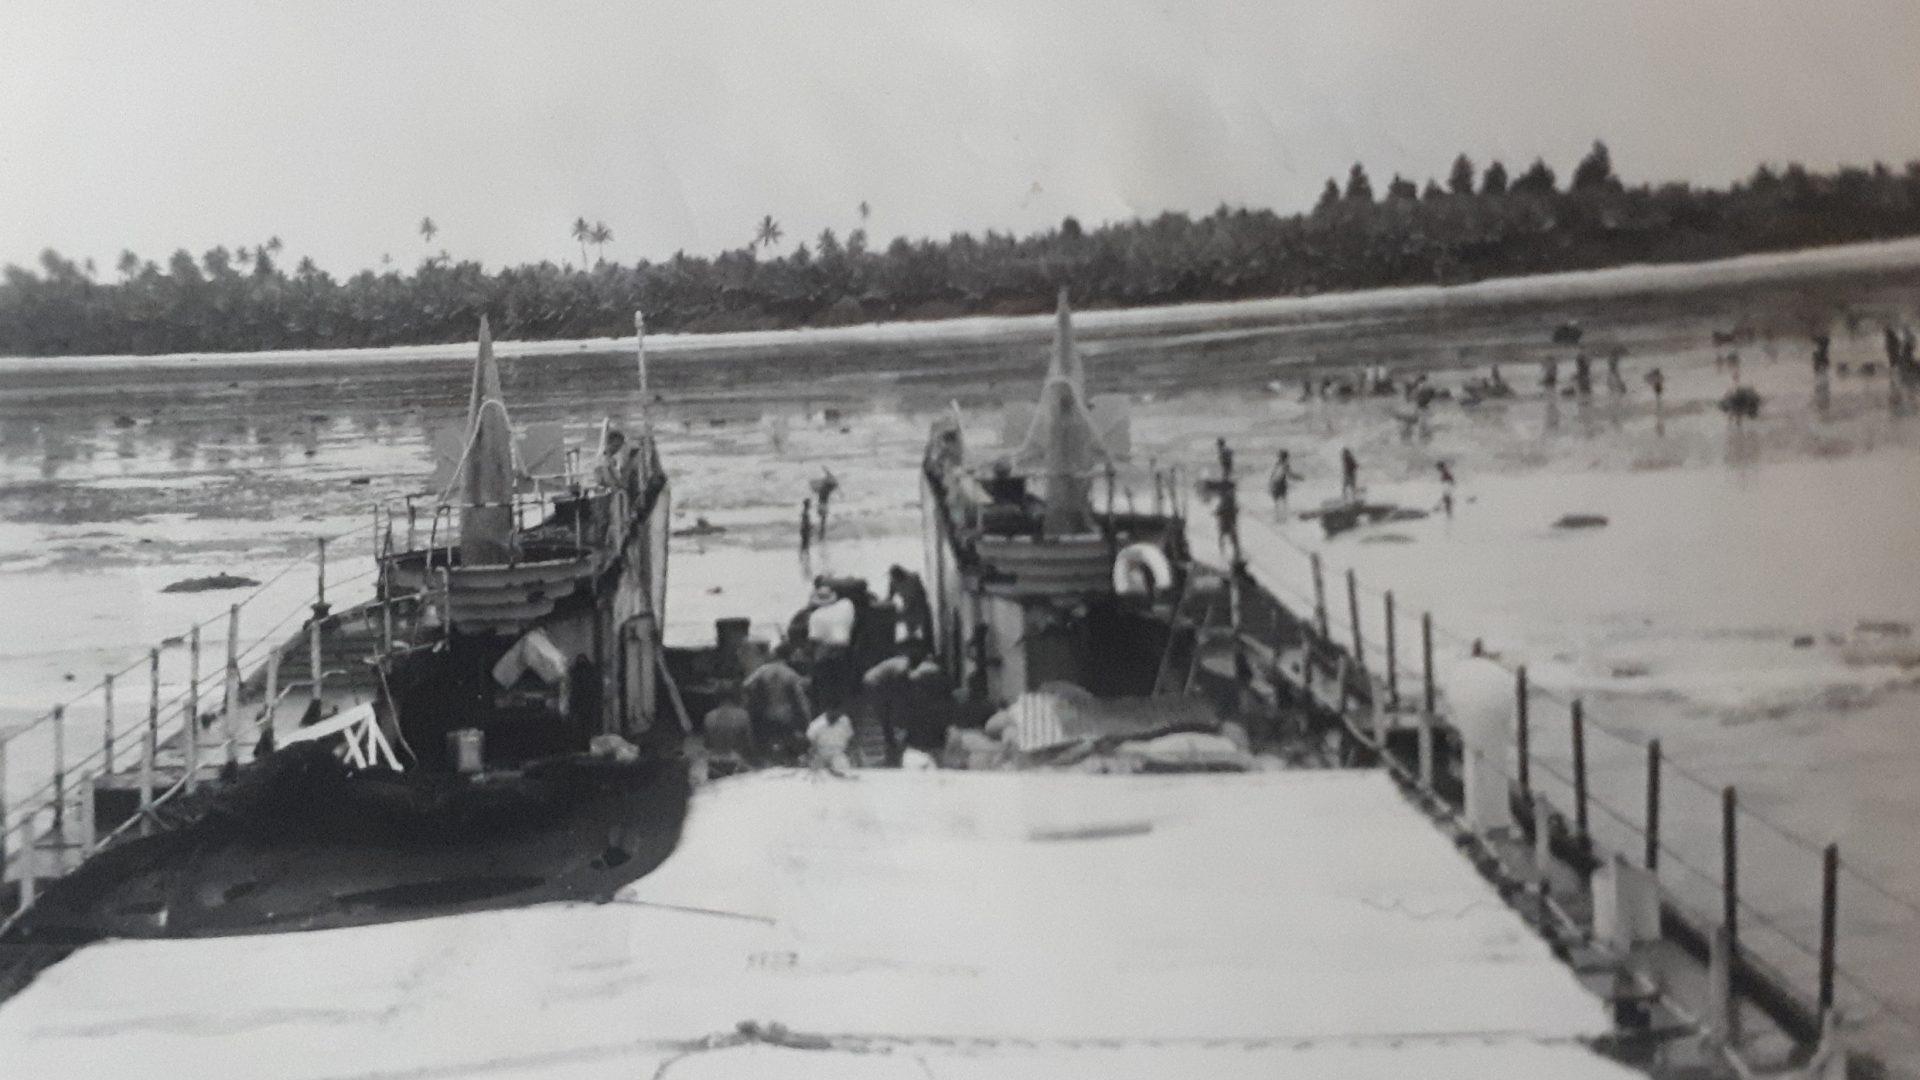 veteraan-jan-verhaal-checkpoint-zomerbijlage